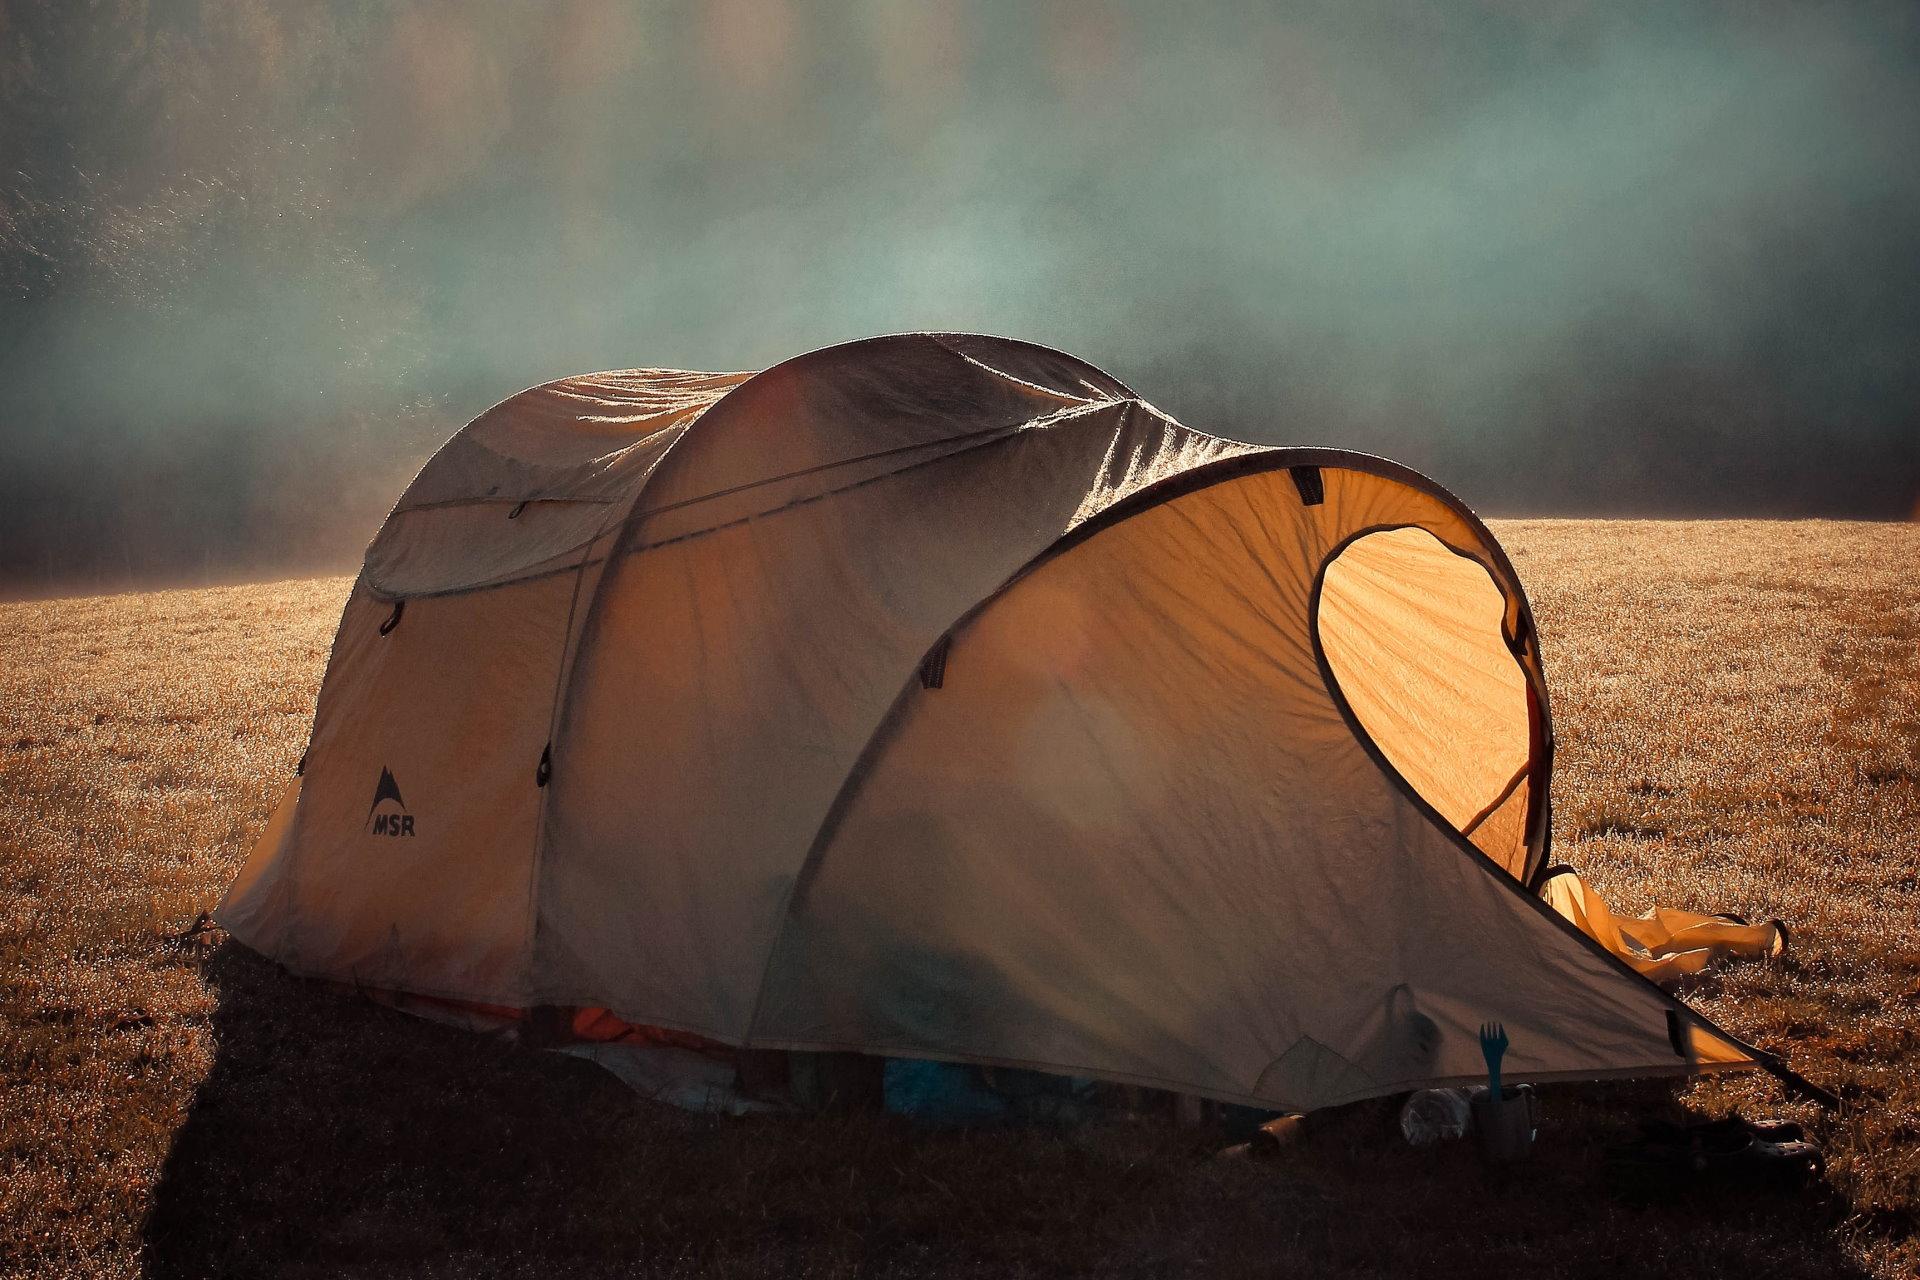 Ein braunes Zelt steht auf einer nebeligen Wiese